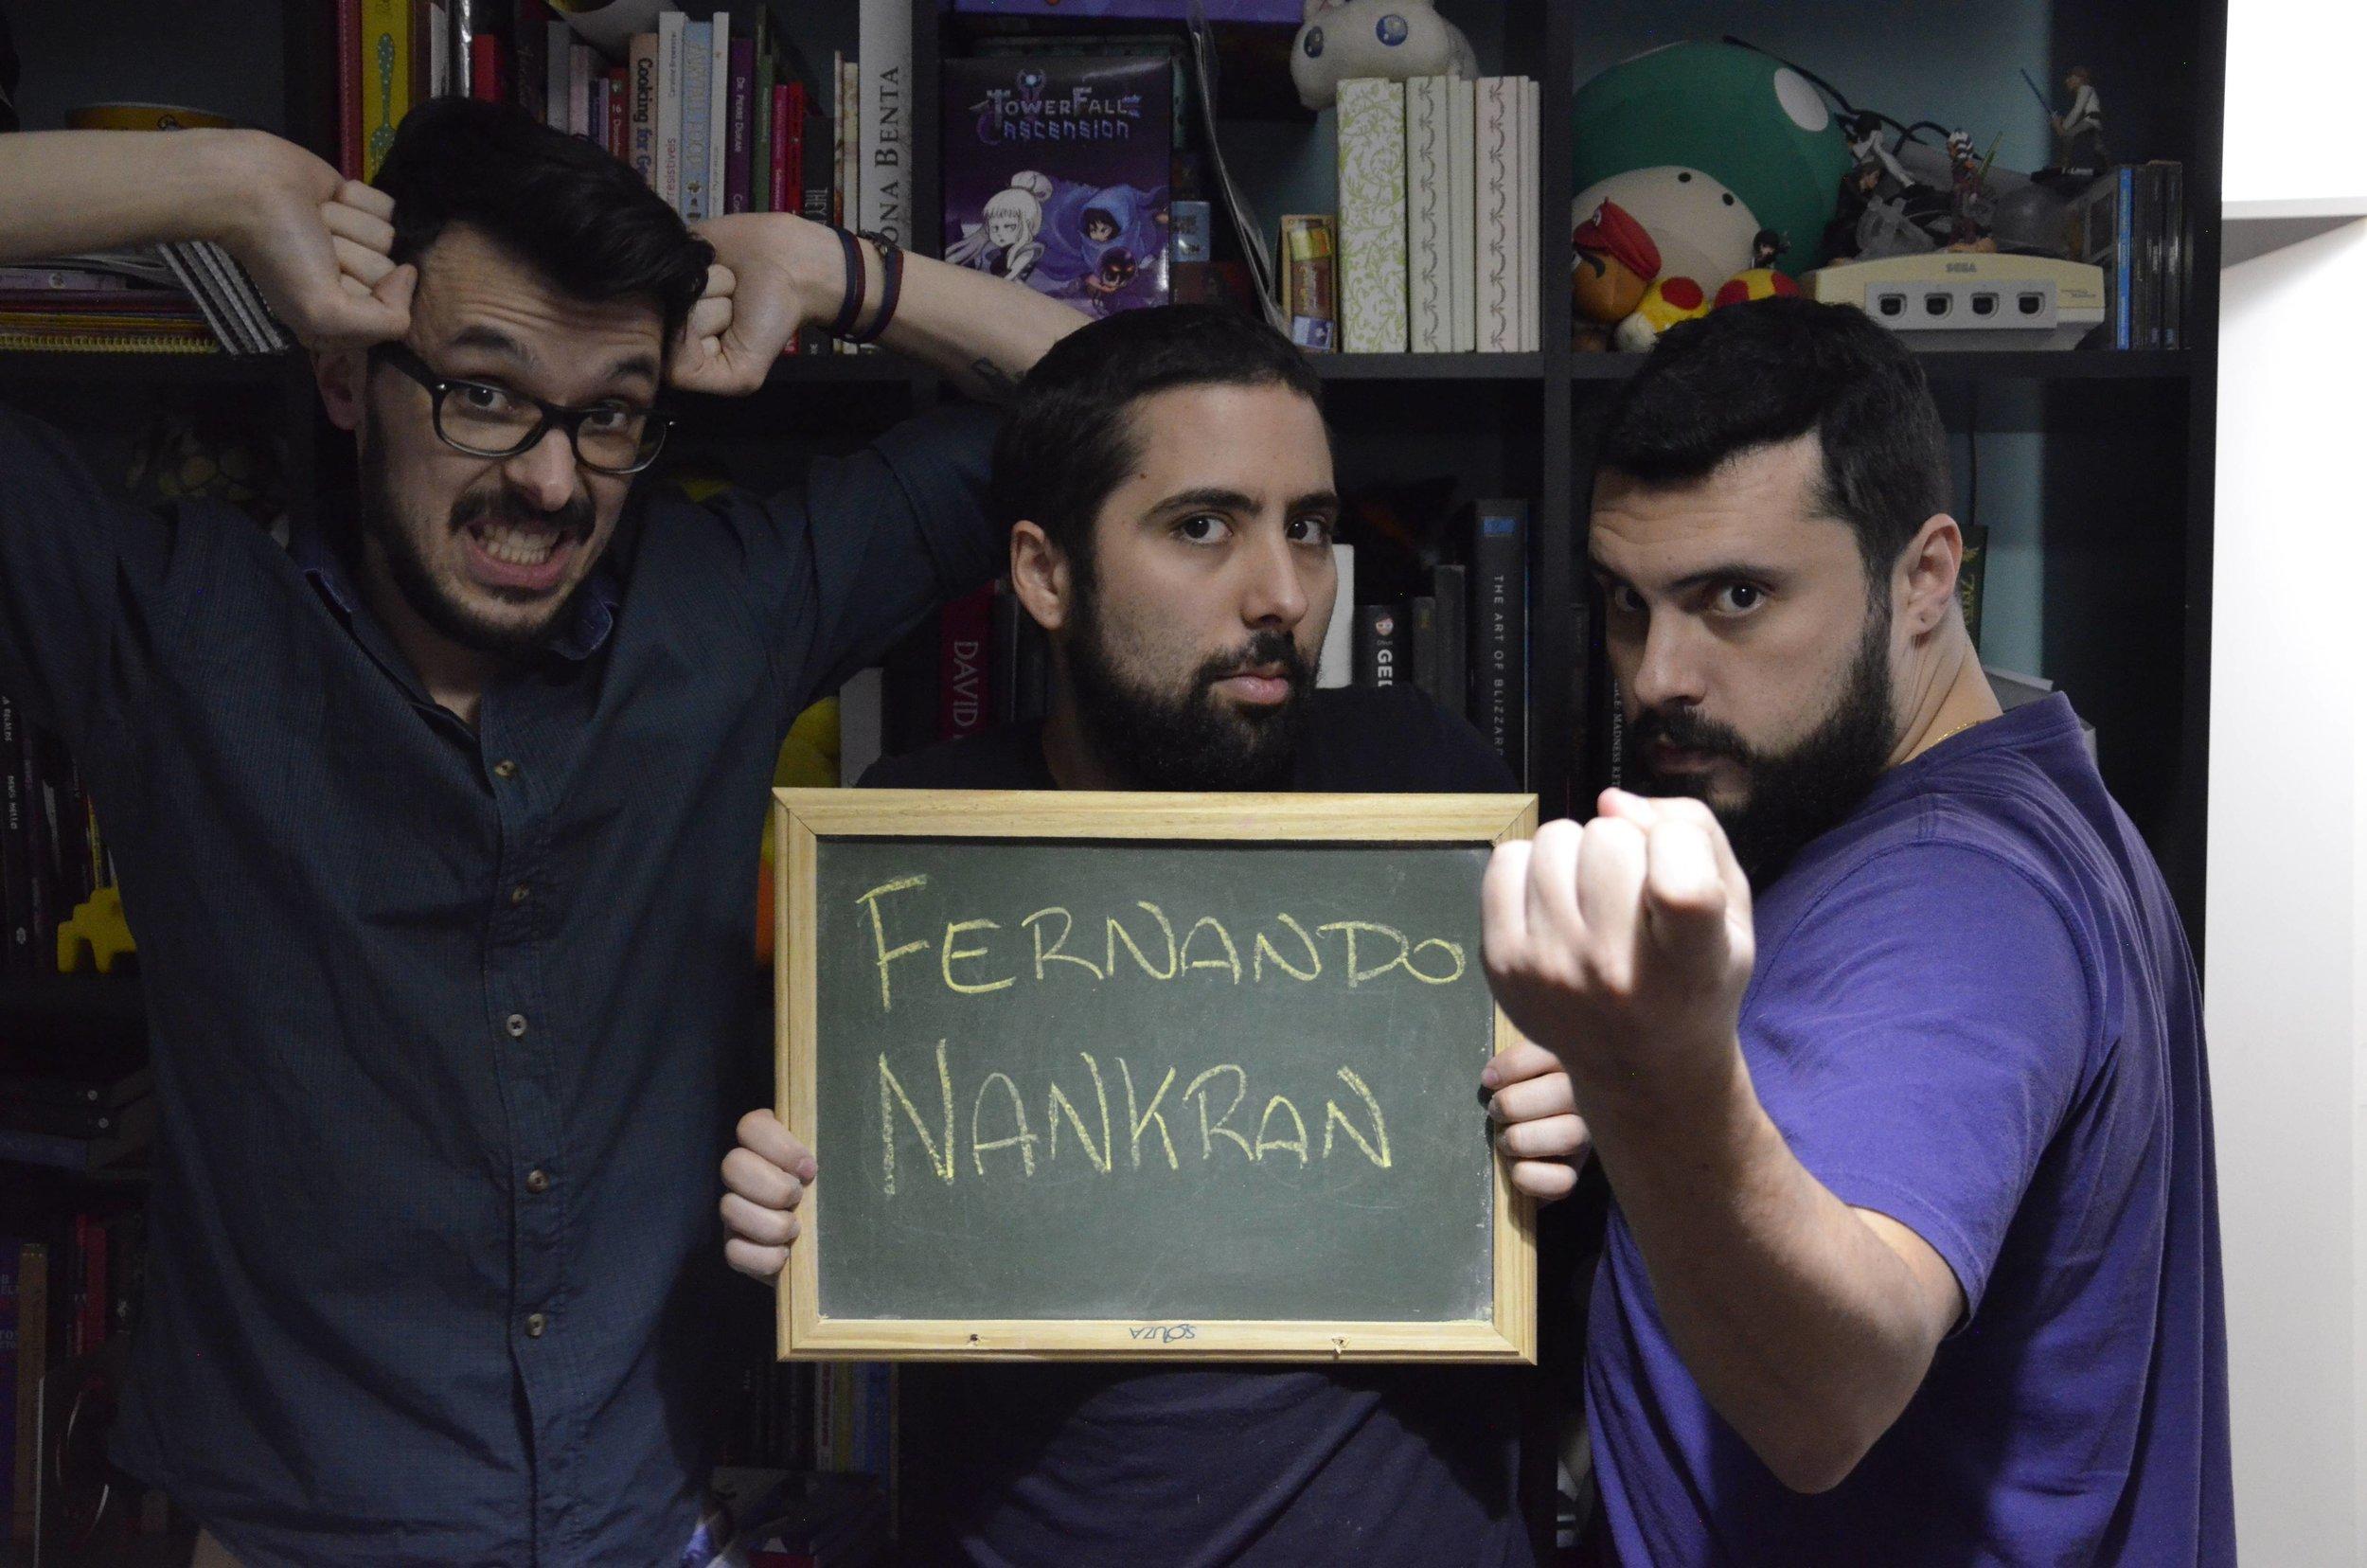 Fernando-Nankram.jpg